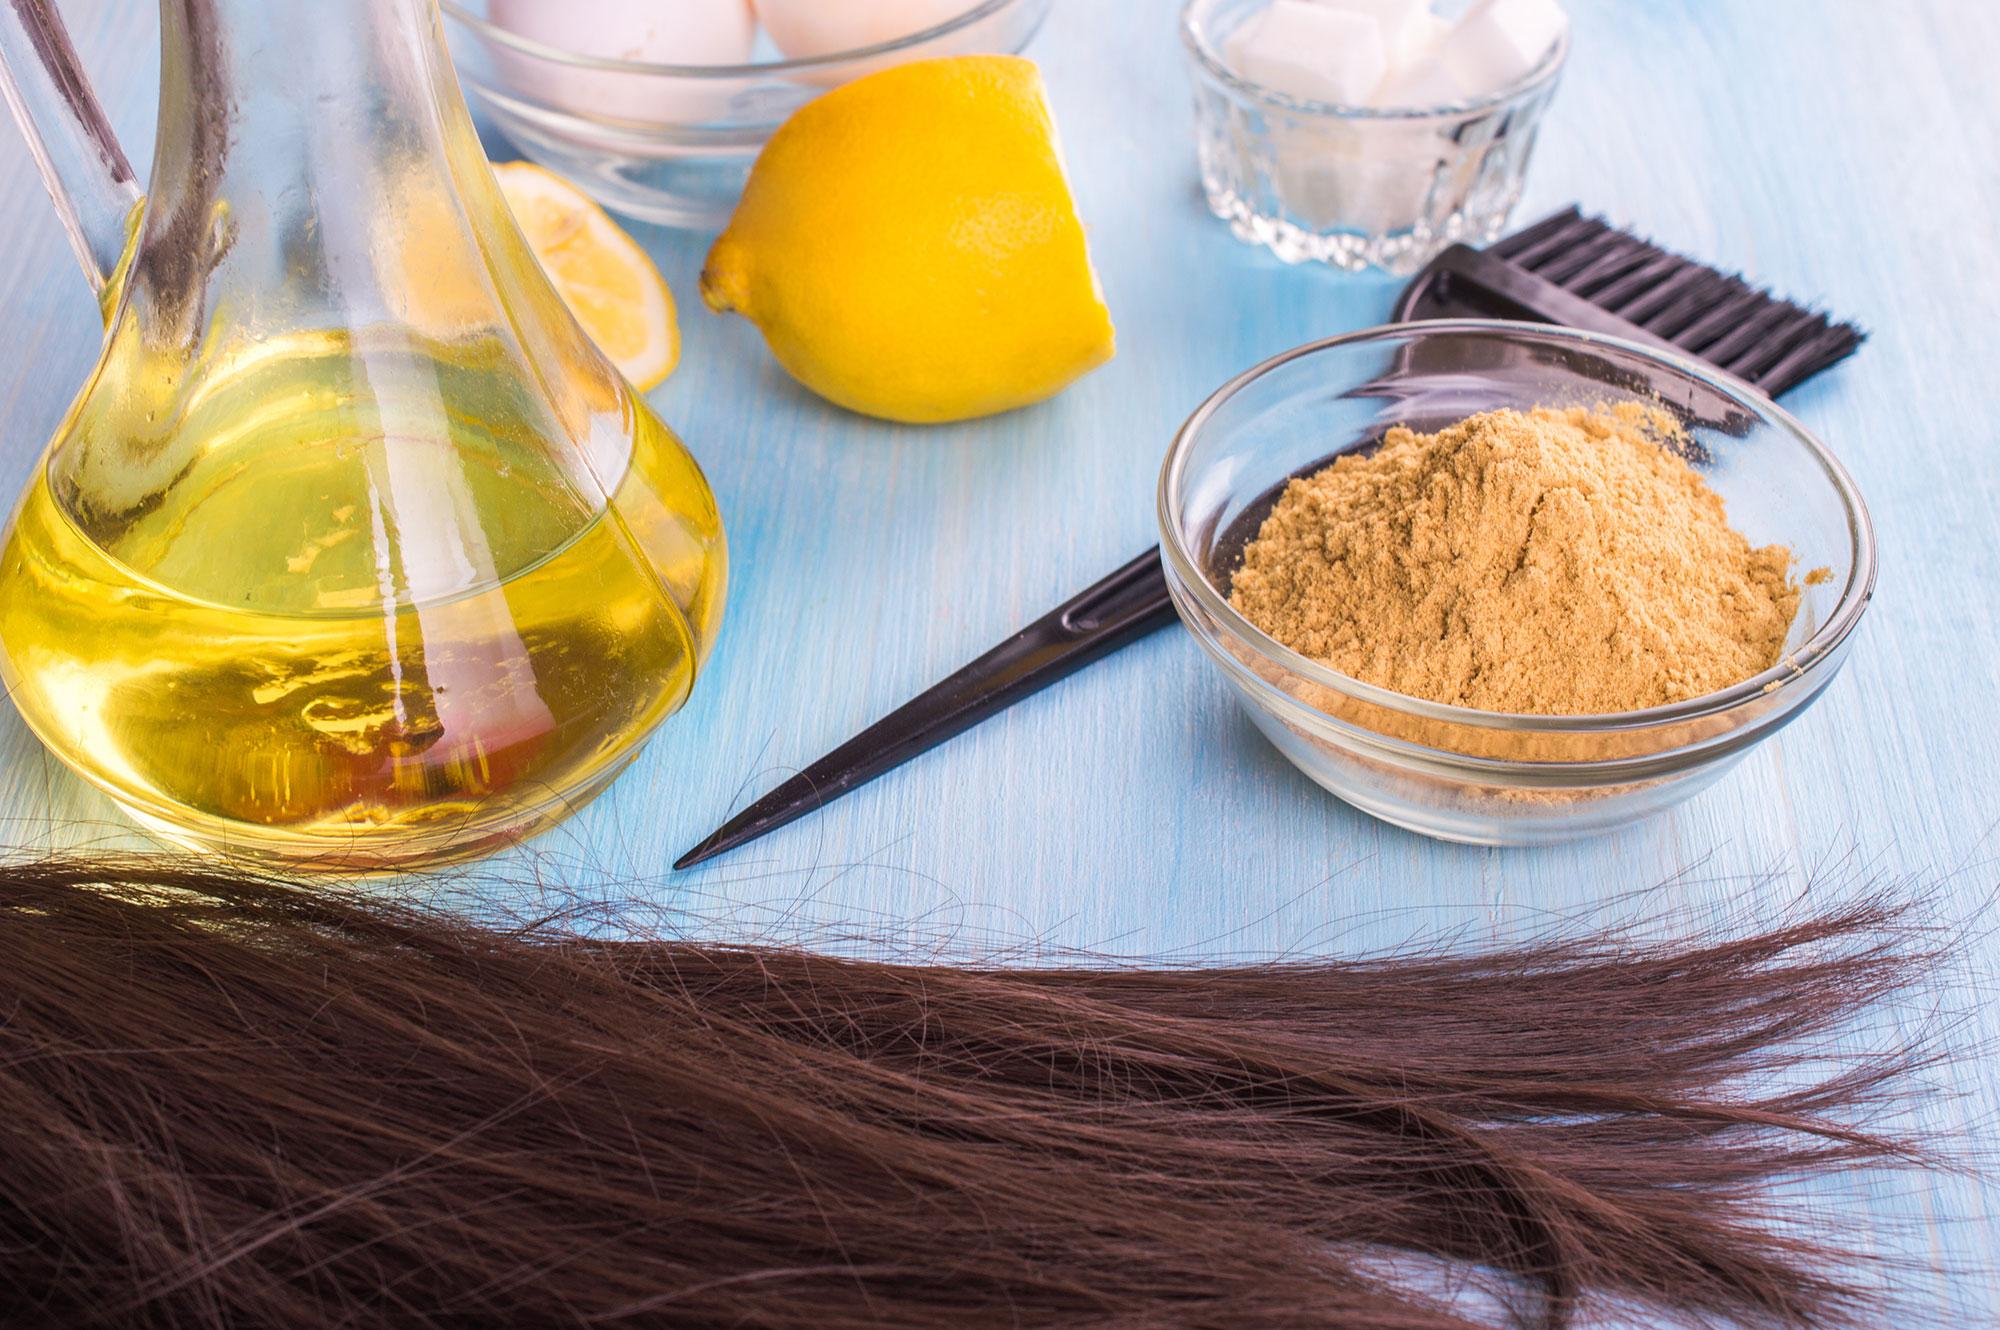 درمان خانگی ریزش موها پس از زایمان با ماسک مخمر مو